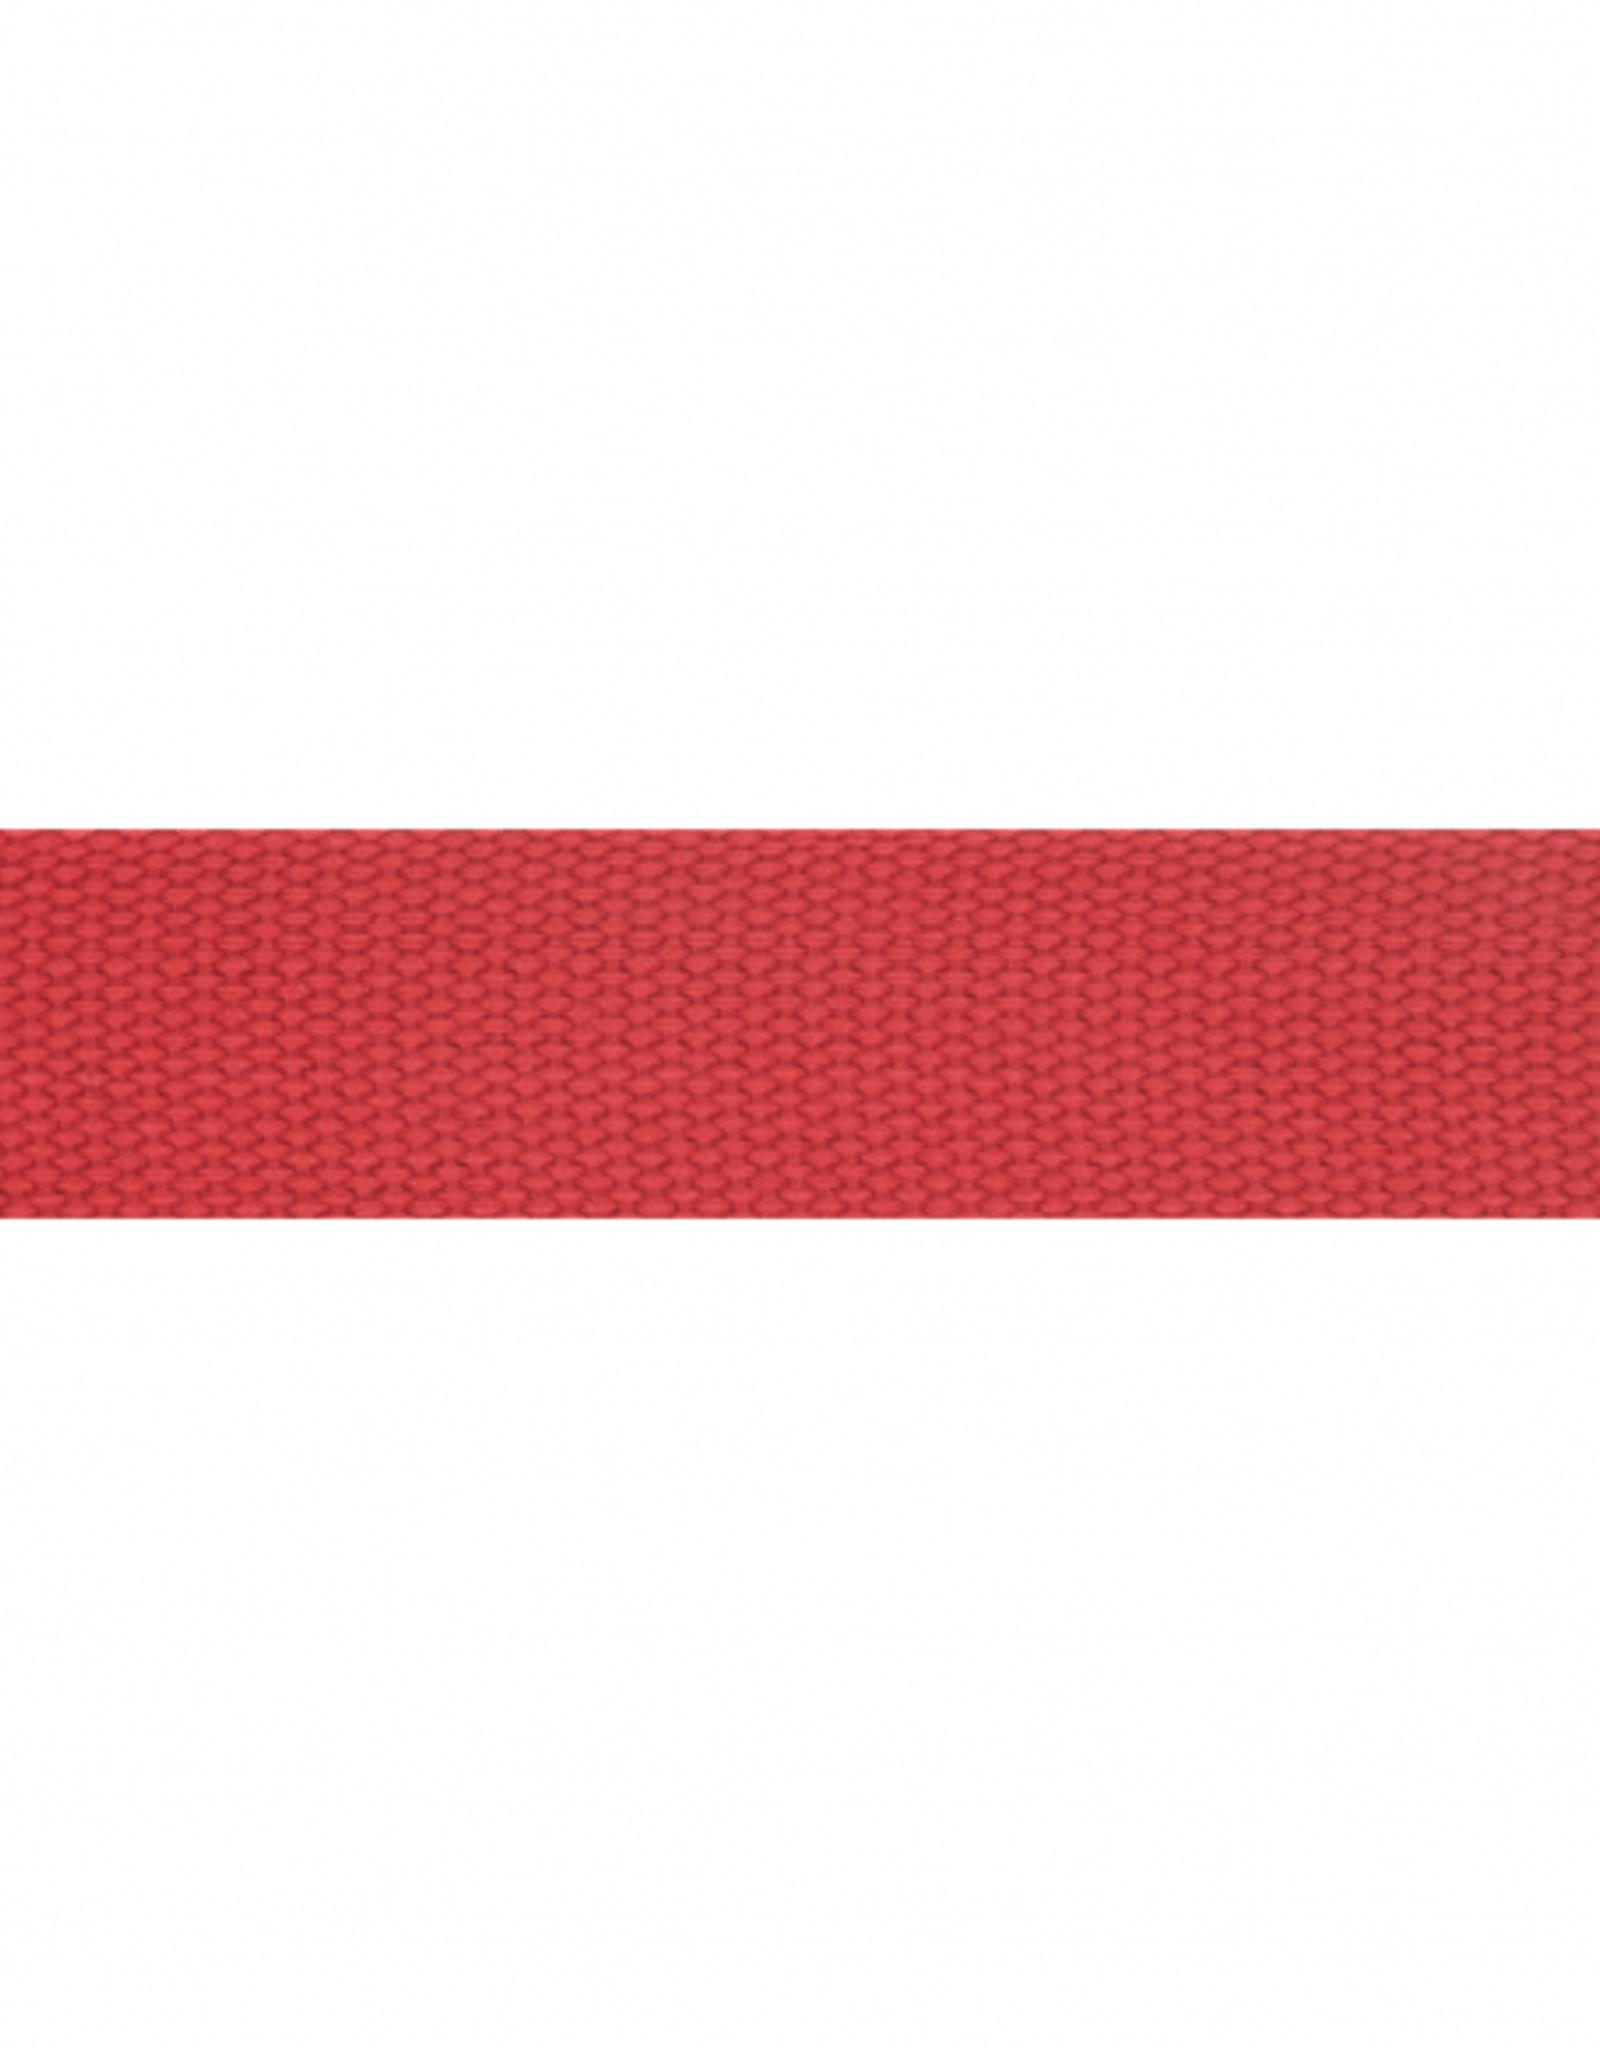 Tassenband extra stevig 25mm rood